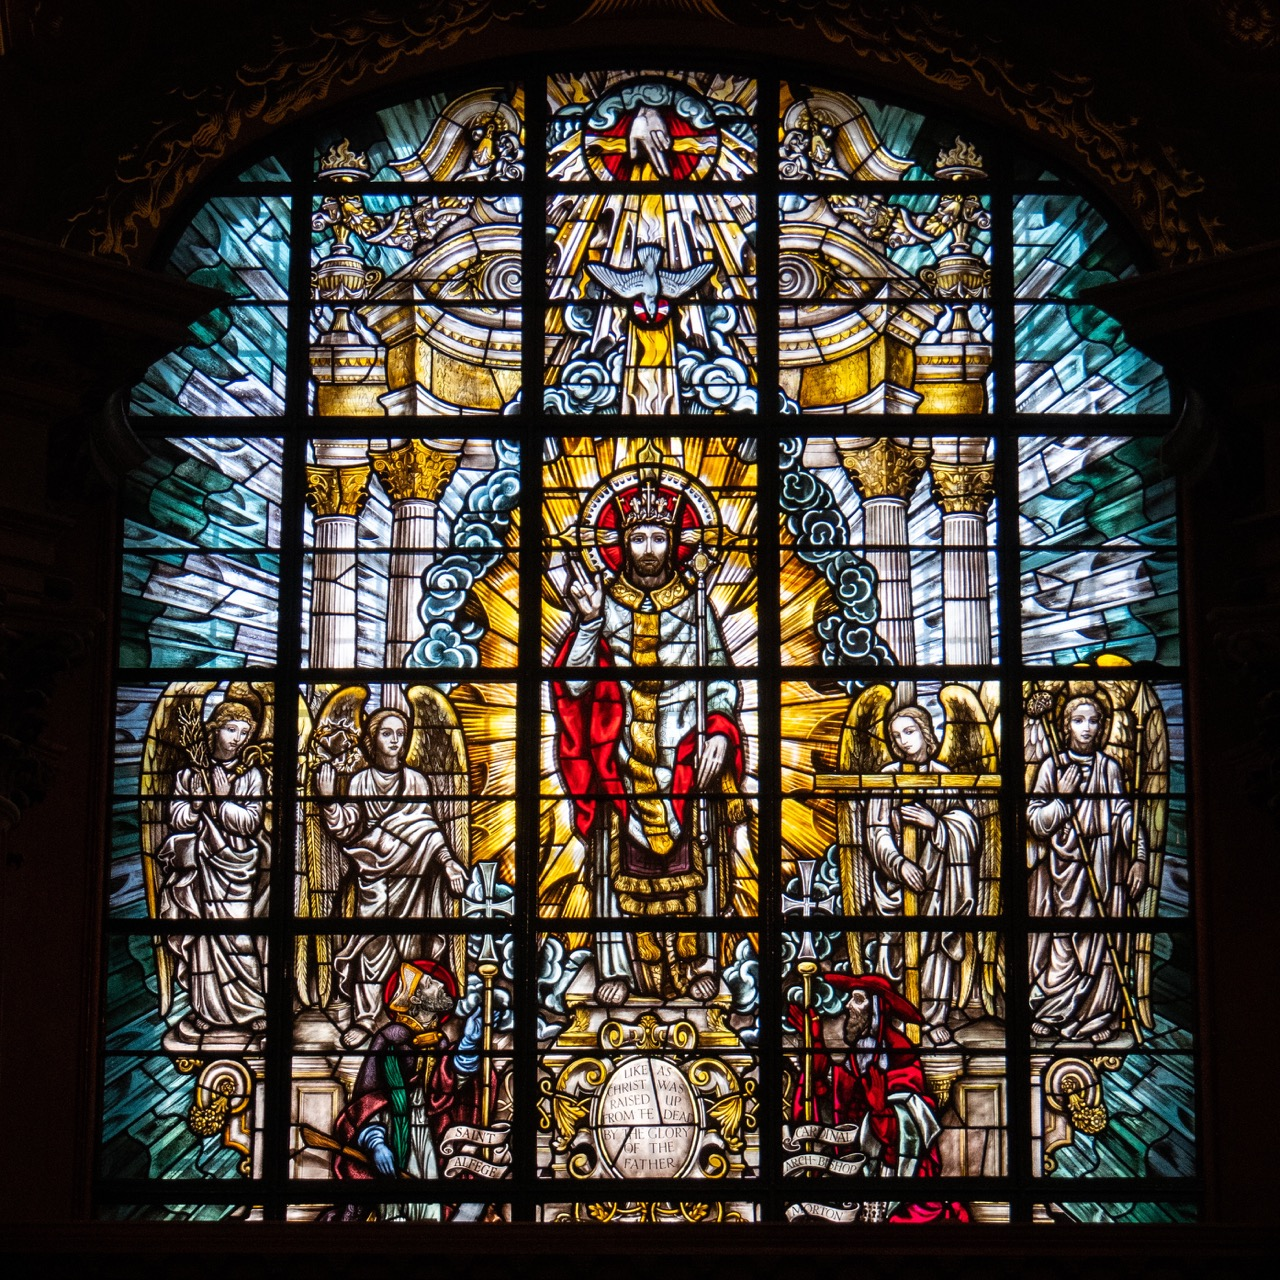 Buntglasfenster mit Darstellung des auferstandenen Christus (1953)